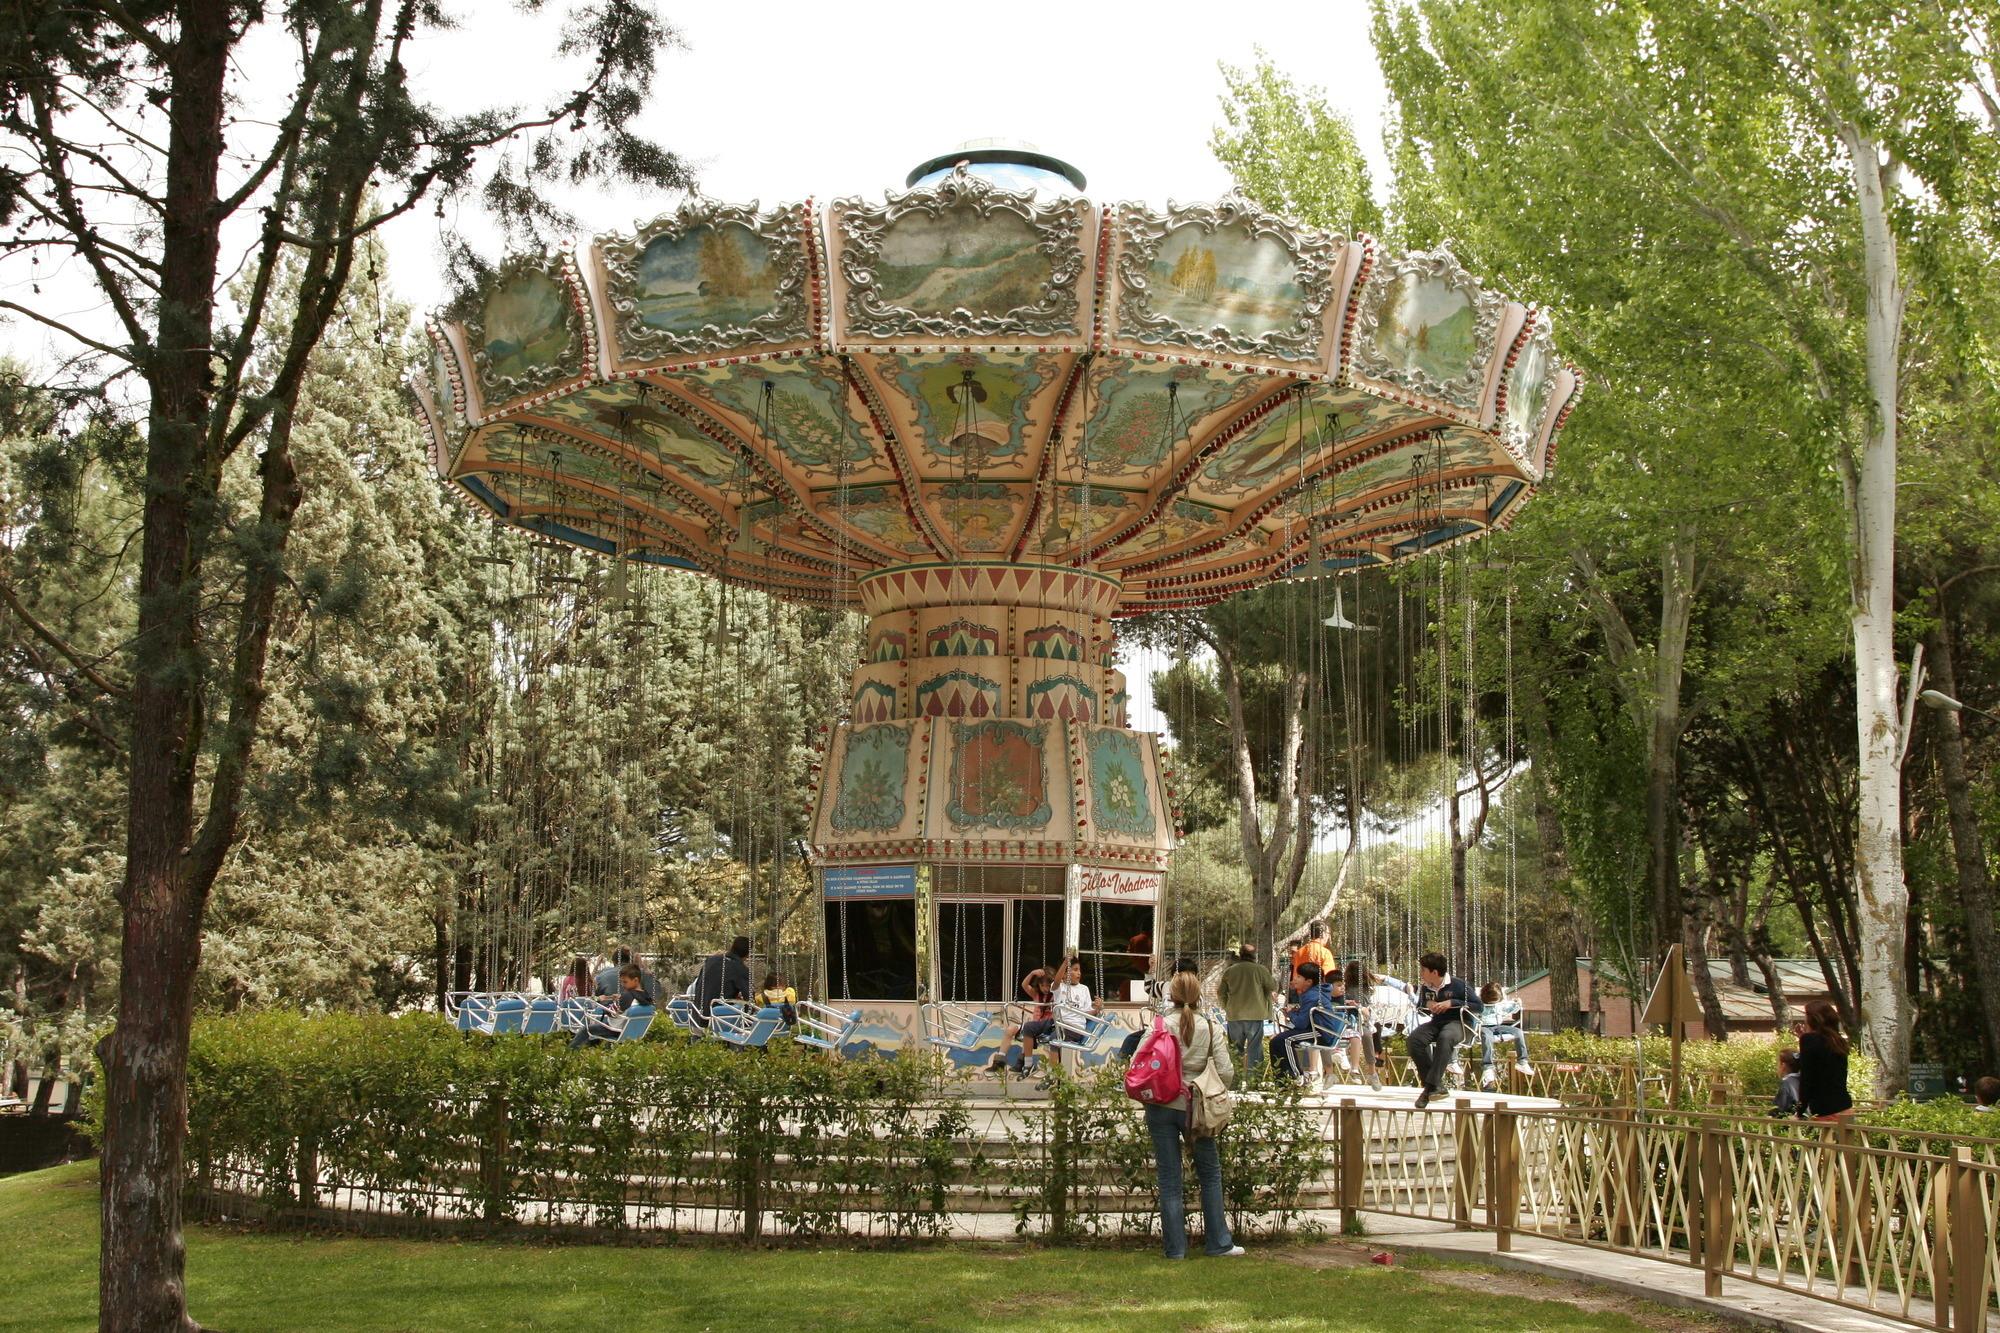 Sillas voladoras en parque de atracciones de madrid for Sillas para parques